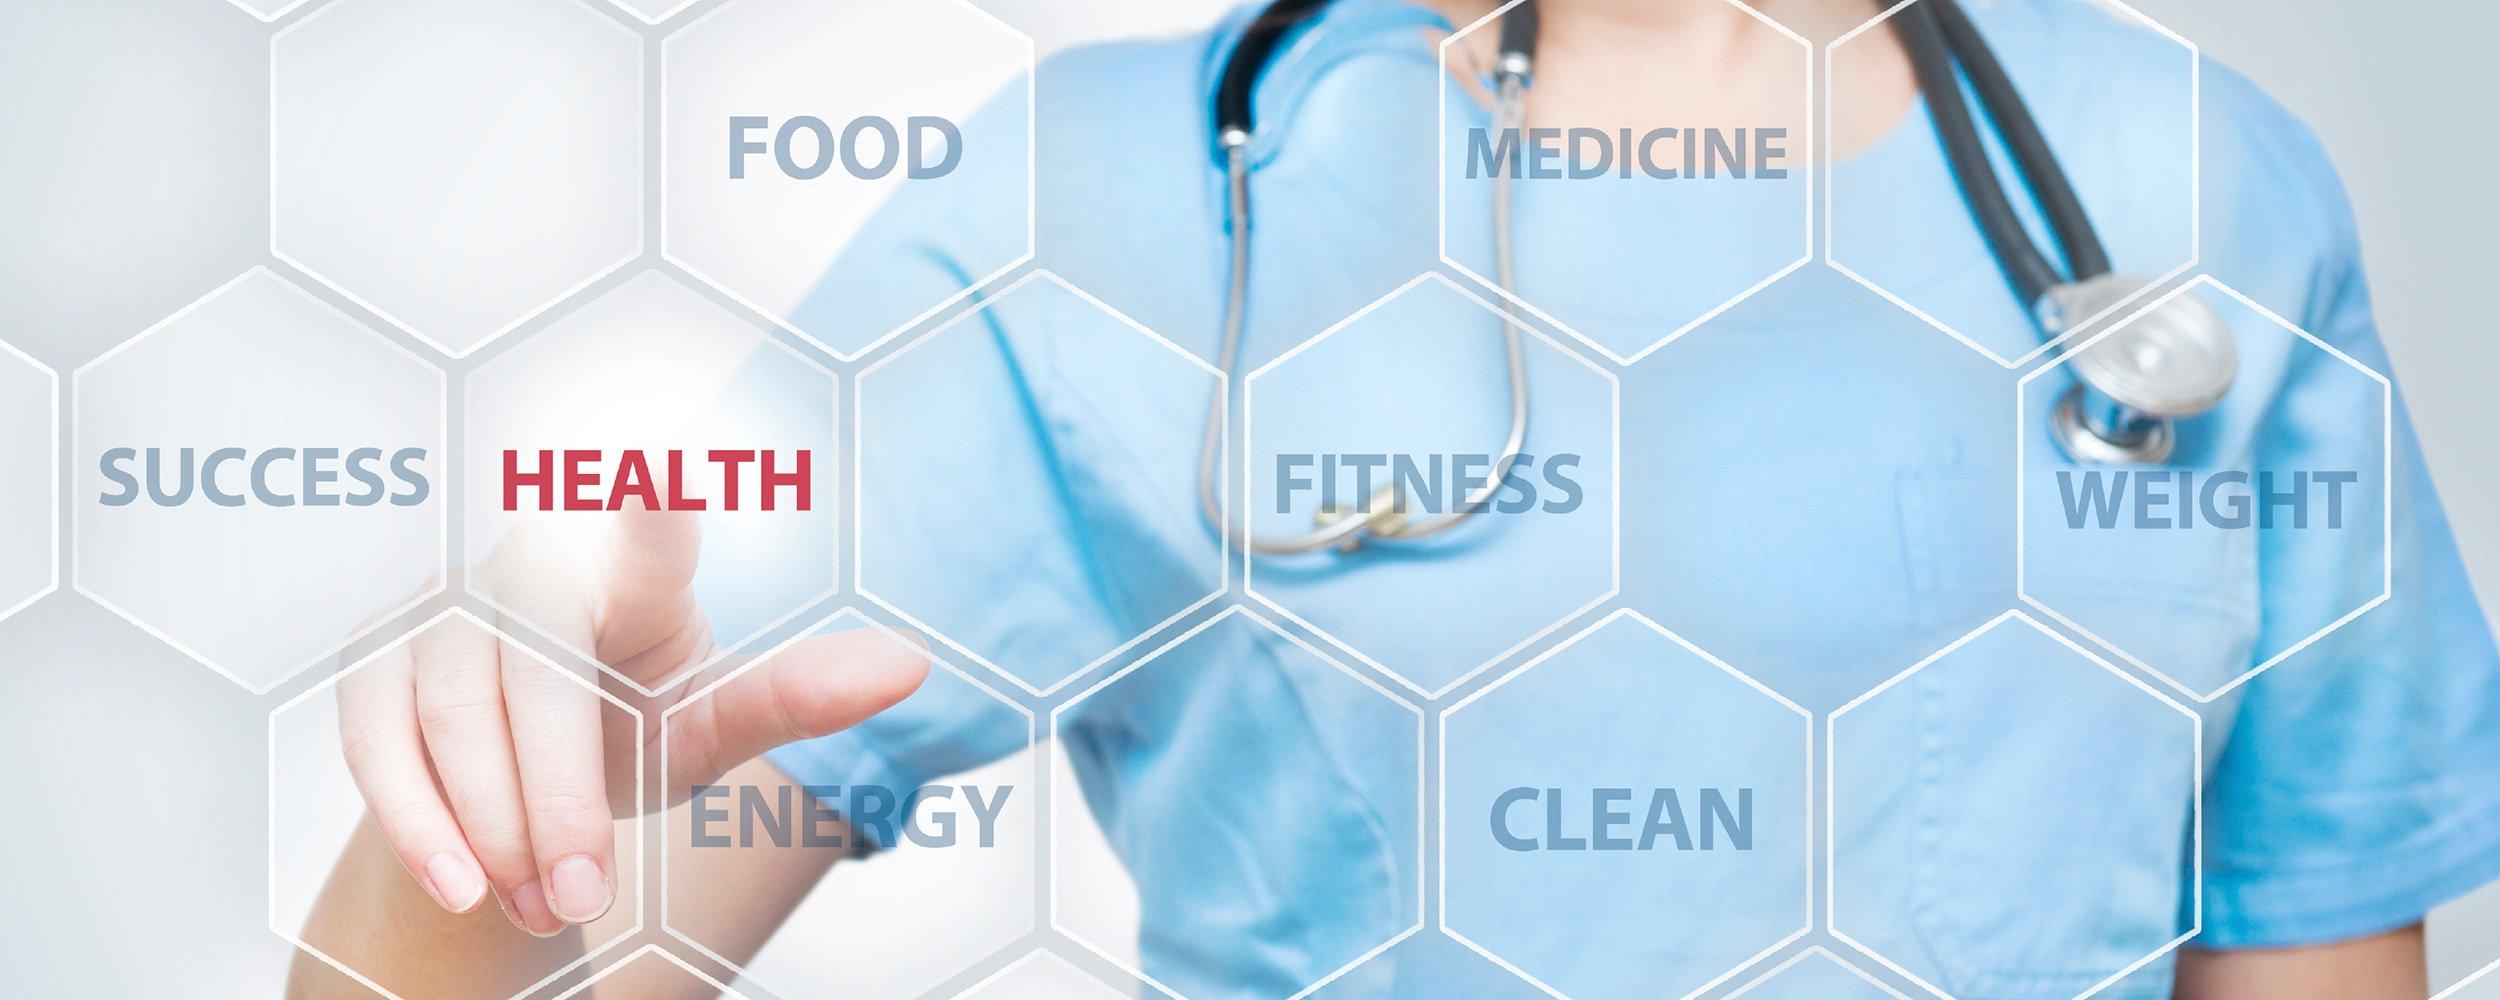 Krebsforschung: Modifizierte Killerzellen hochwirksam gegen Krebs – Heilpraxis